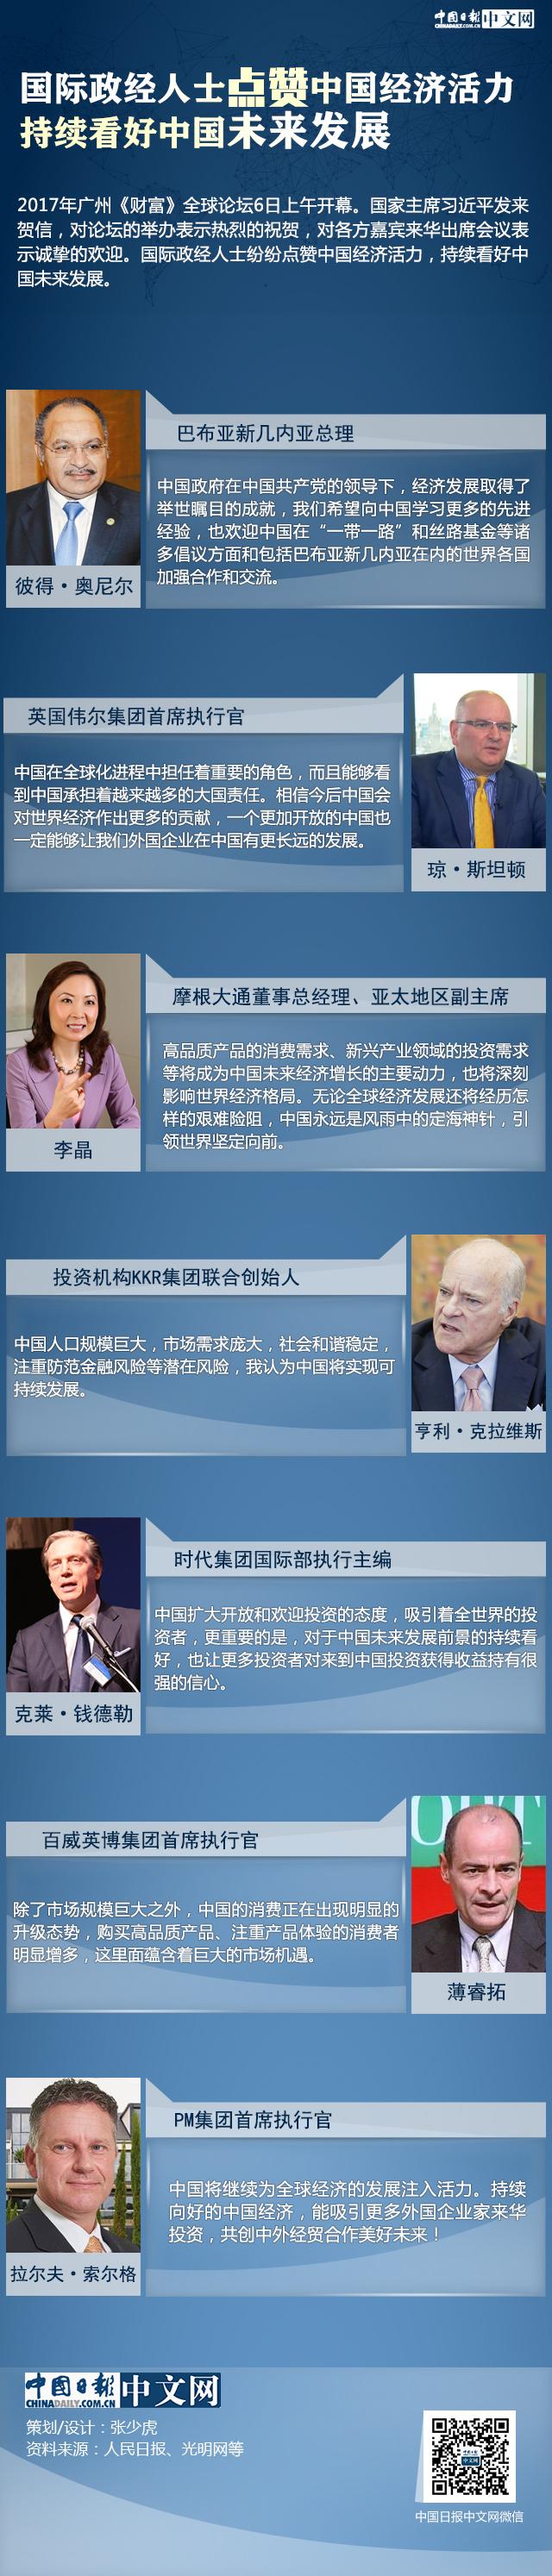 国际政经人士点赞中国经济活力 持续看好中国未来发展